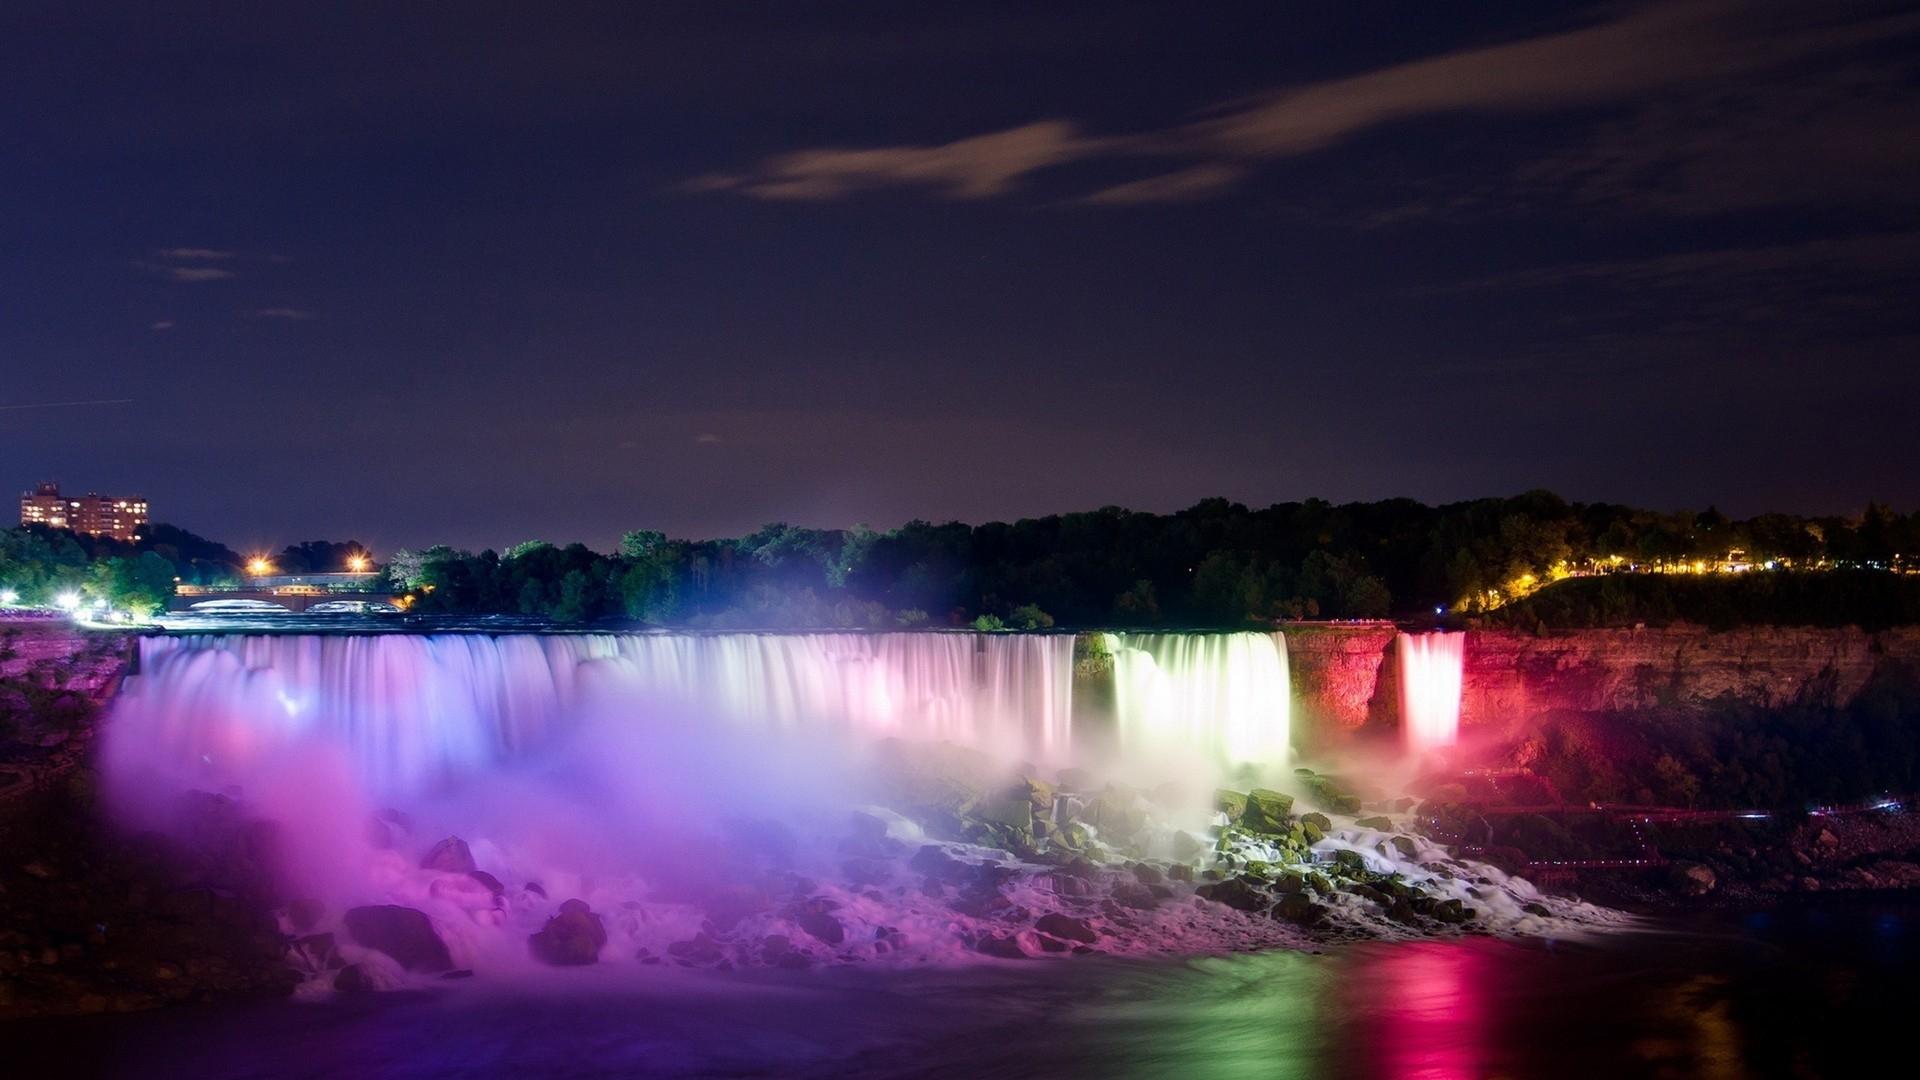 paysages légers nuit niagara falls couleurs de cascades papier peint